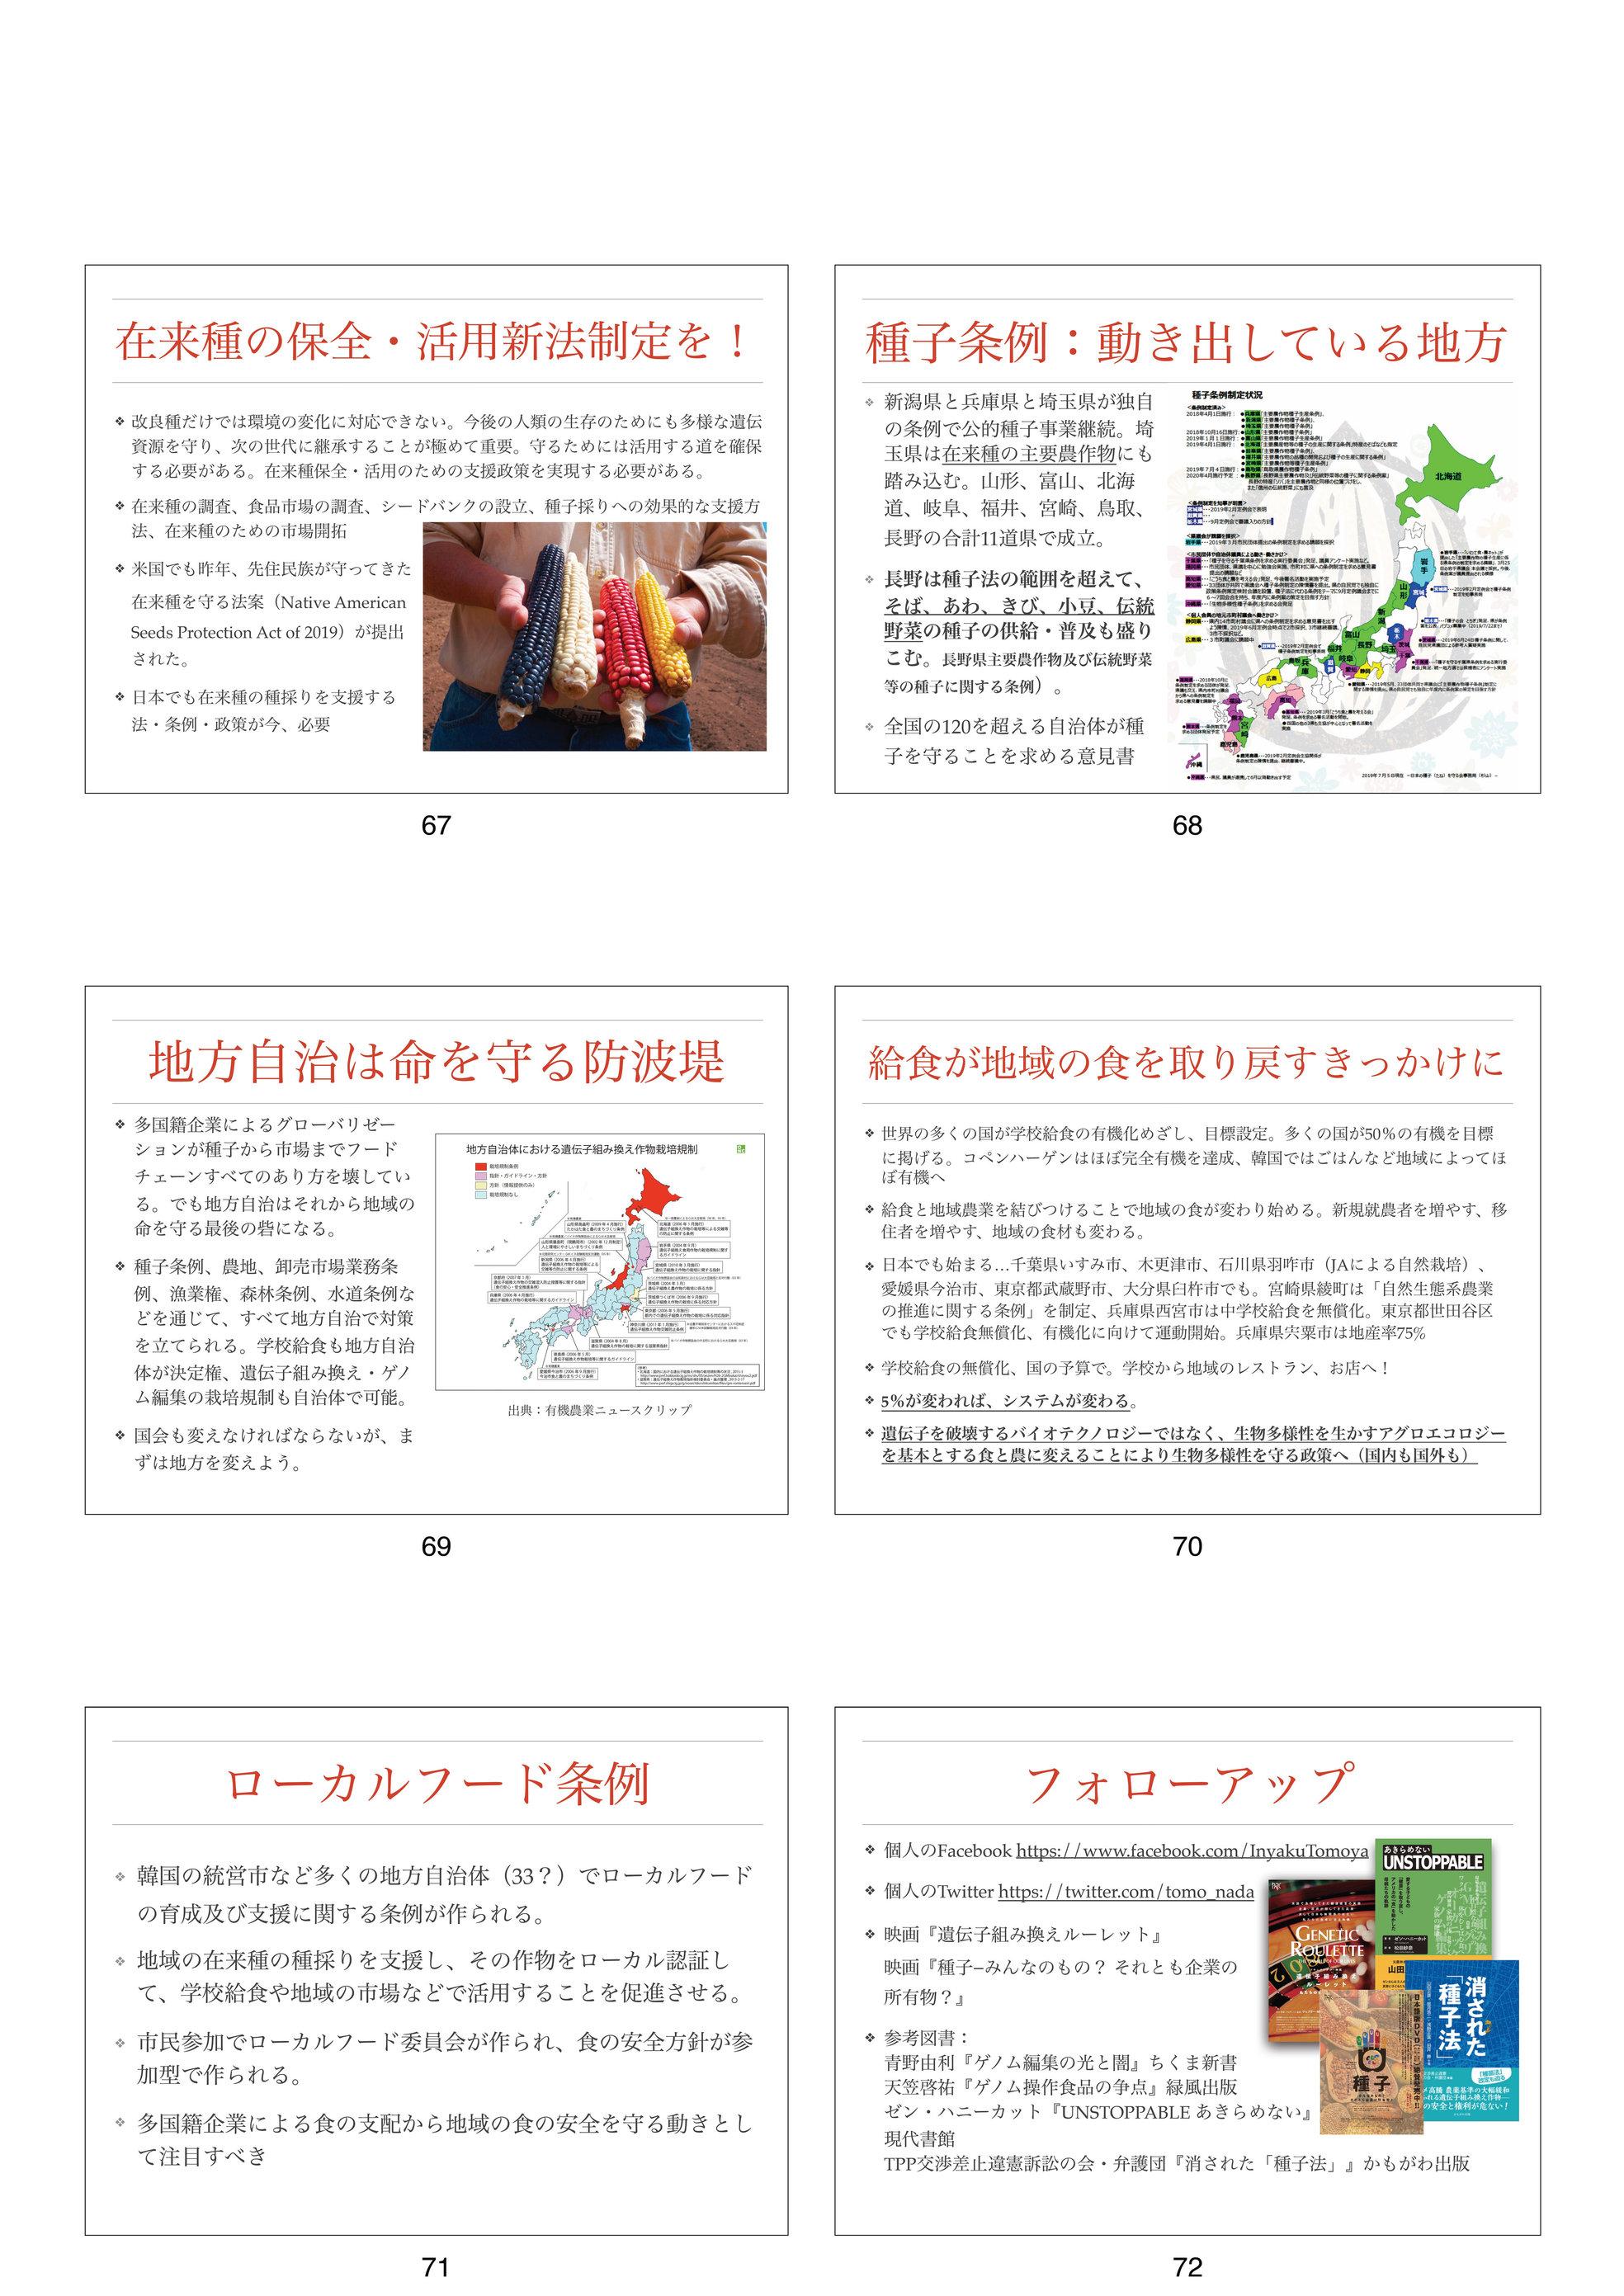 2020 0315宮古島勉強会_013